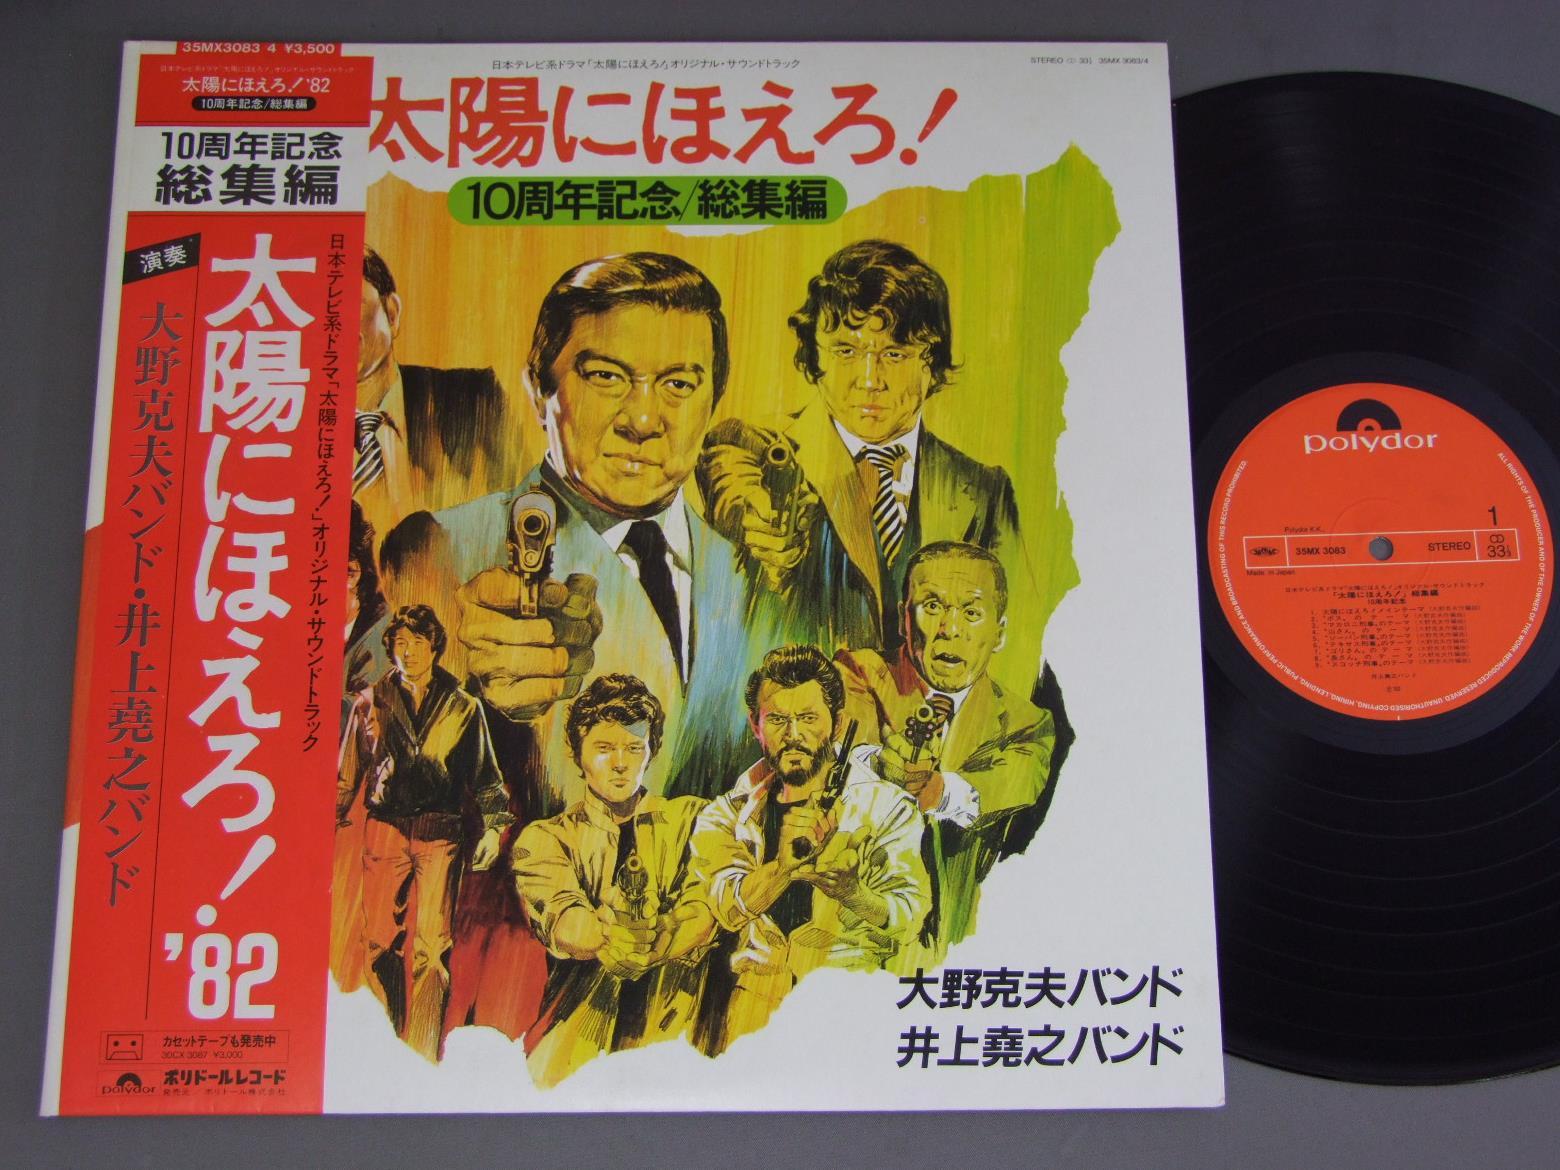 KATSUO OHNO大野克夫バンド・井上堯之バンド/太陽にほえろ! `82 10周年記念総集編 35MX3083/4